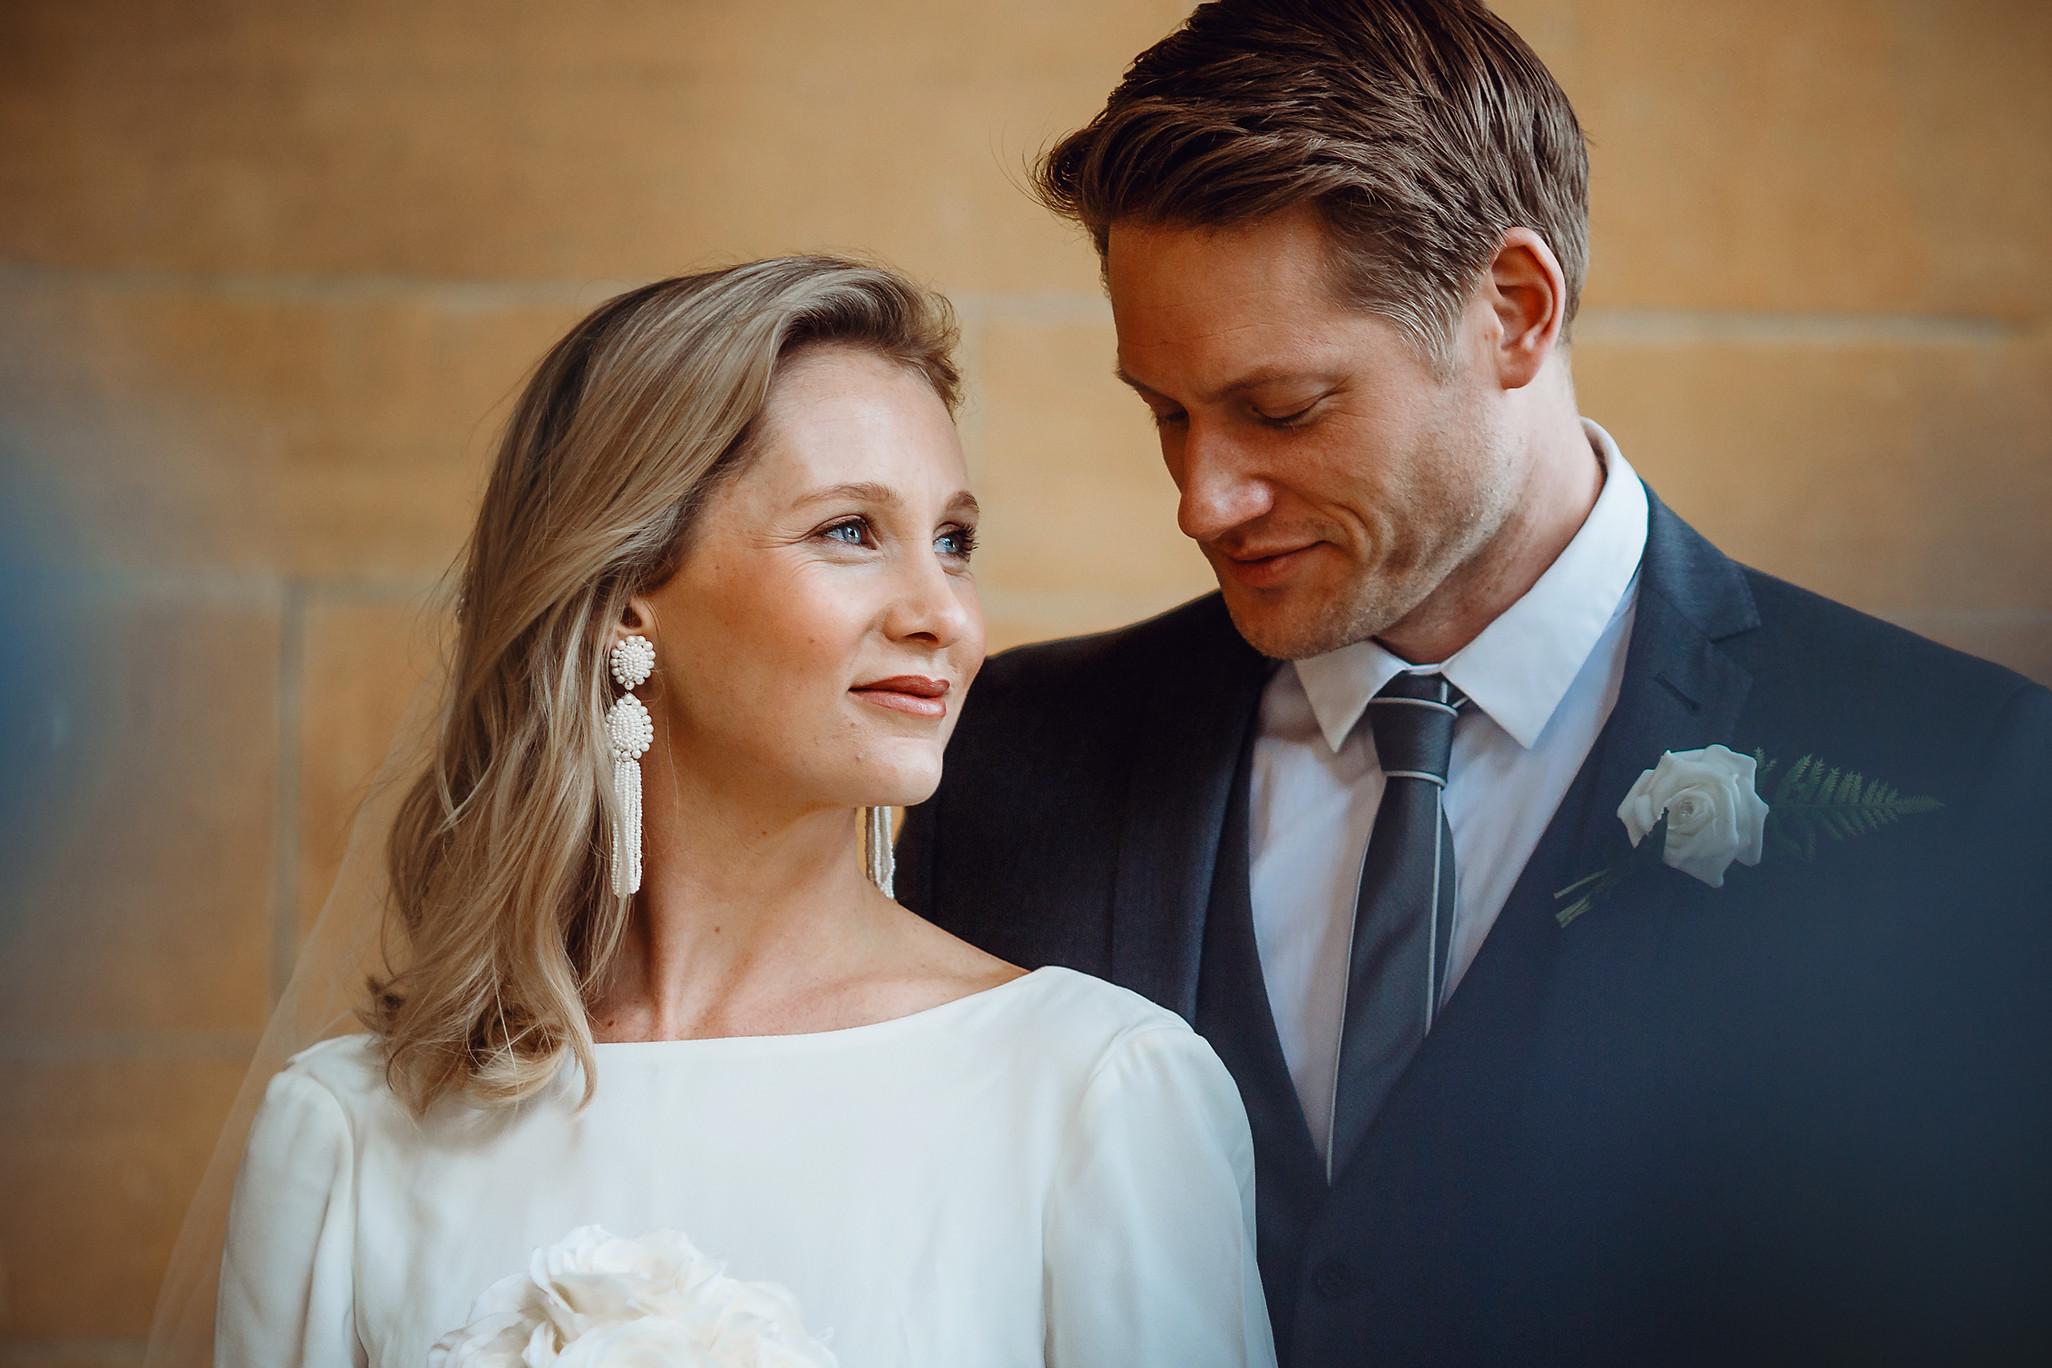 Vicky_Lewis_Bride_and_Groom_bride-groom_